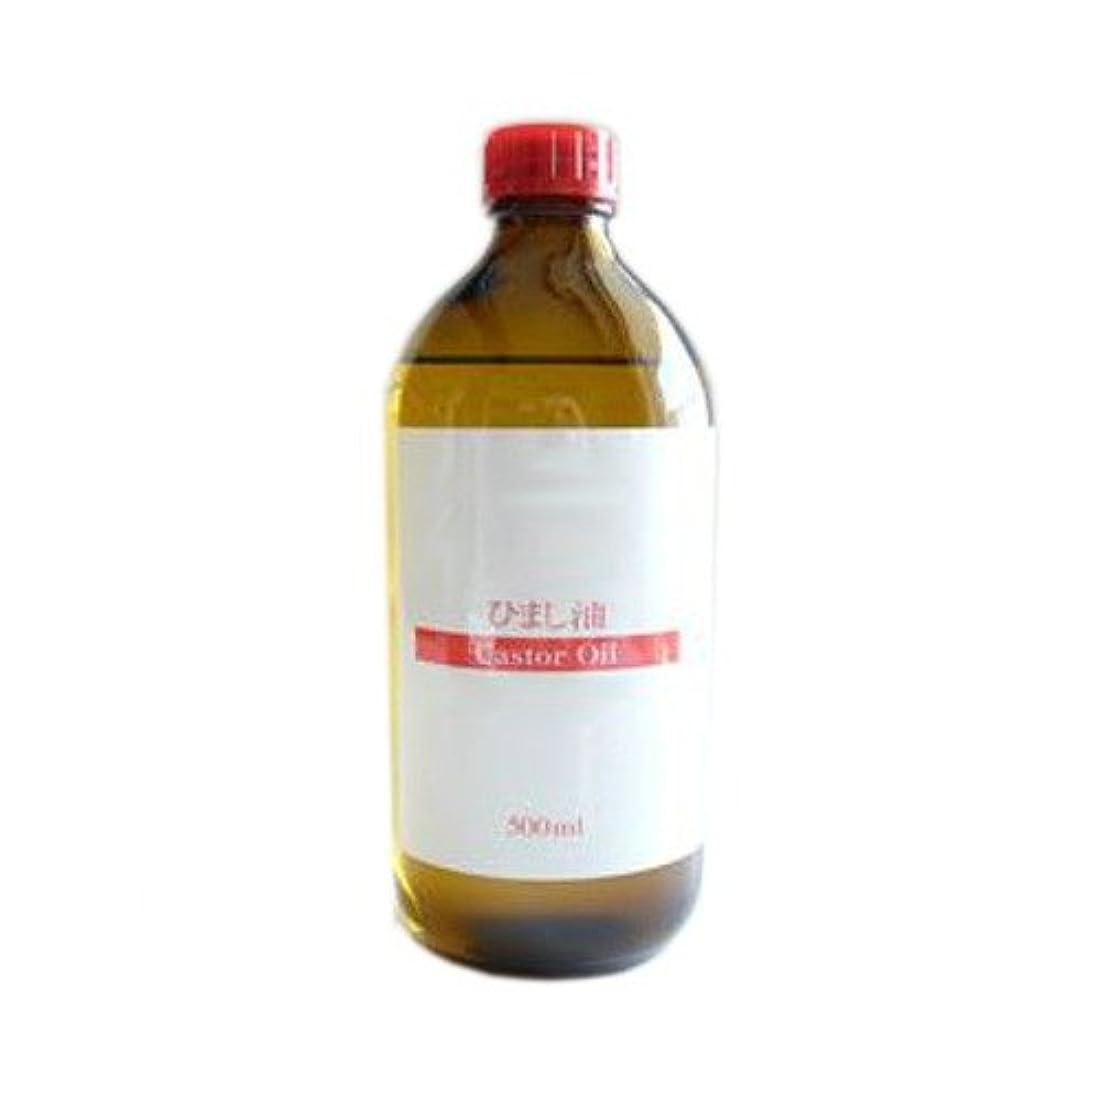 群れオーガニック吸い込むひまし油 (キャスターオイル) 500ml